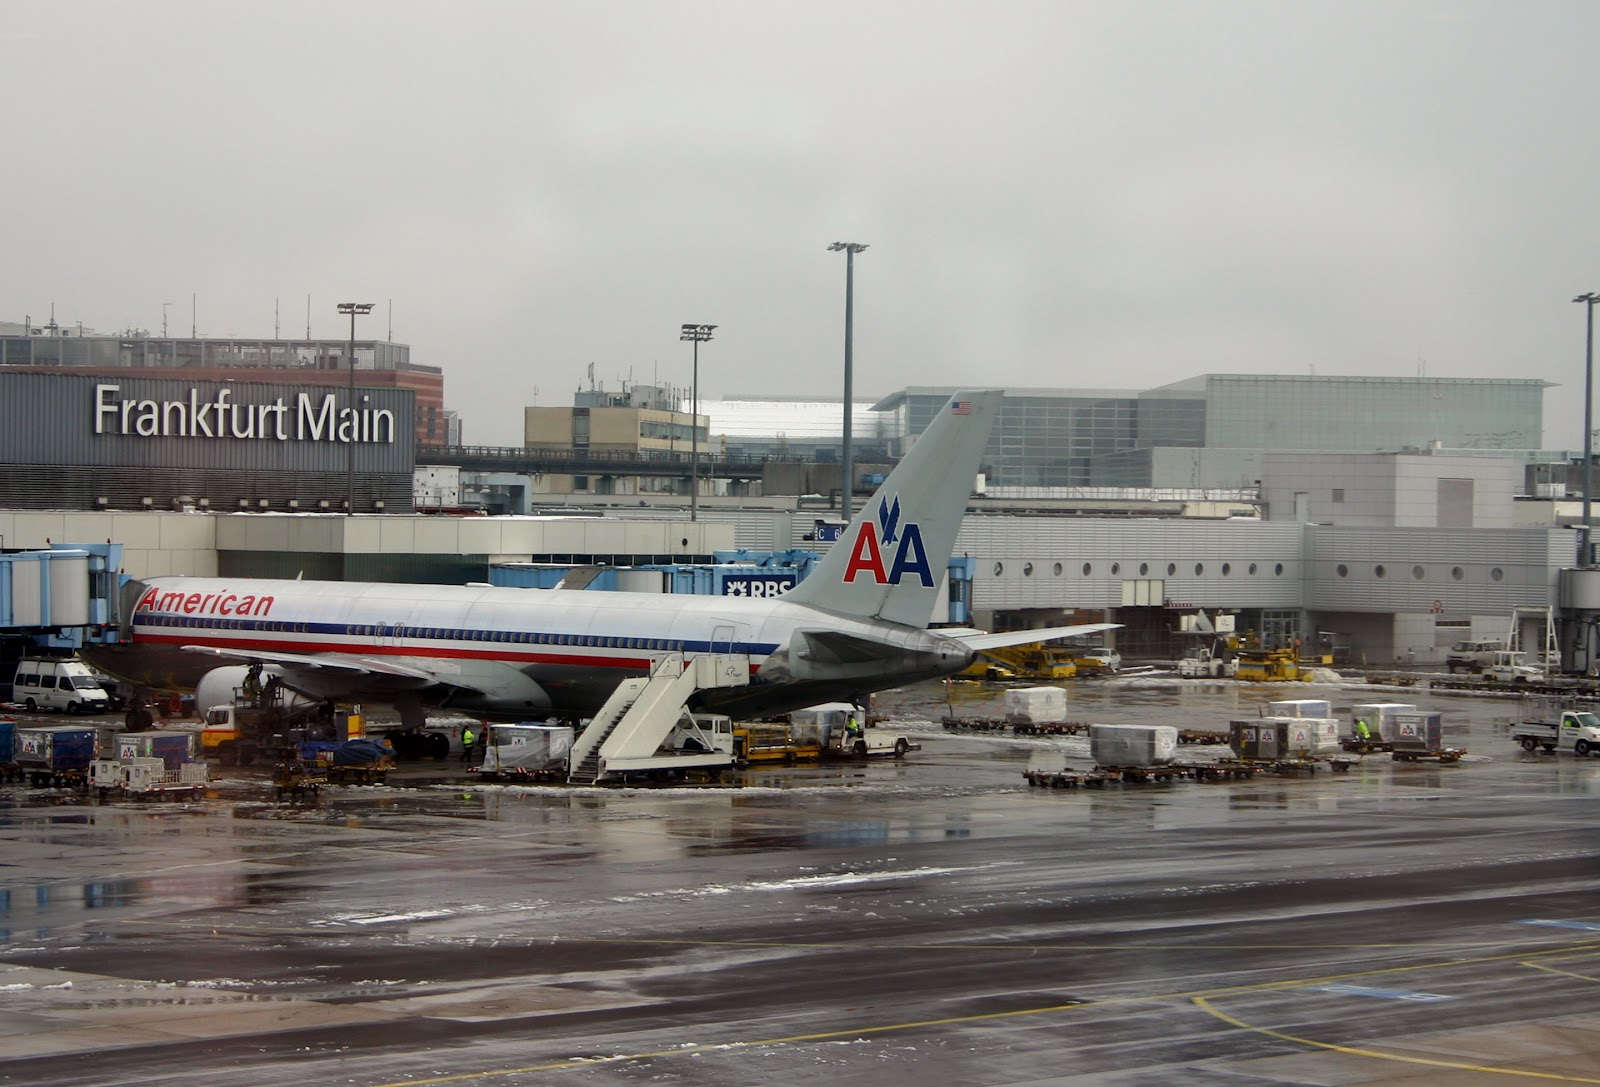 Frankfurth Flughafen